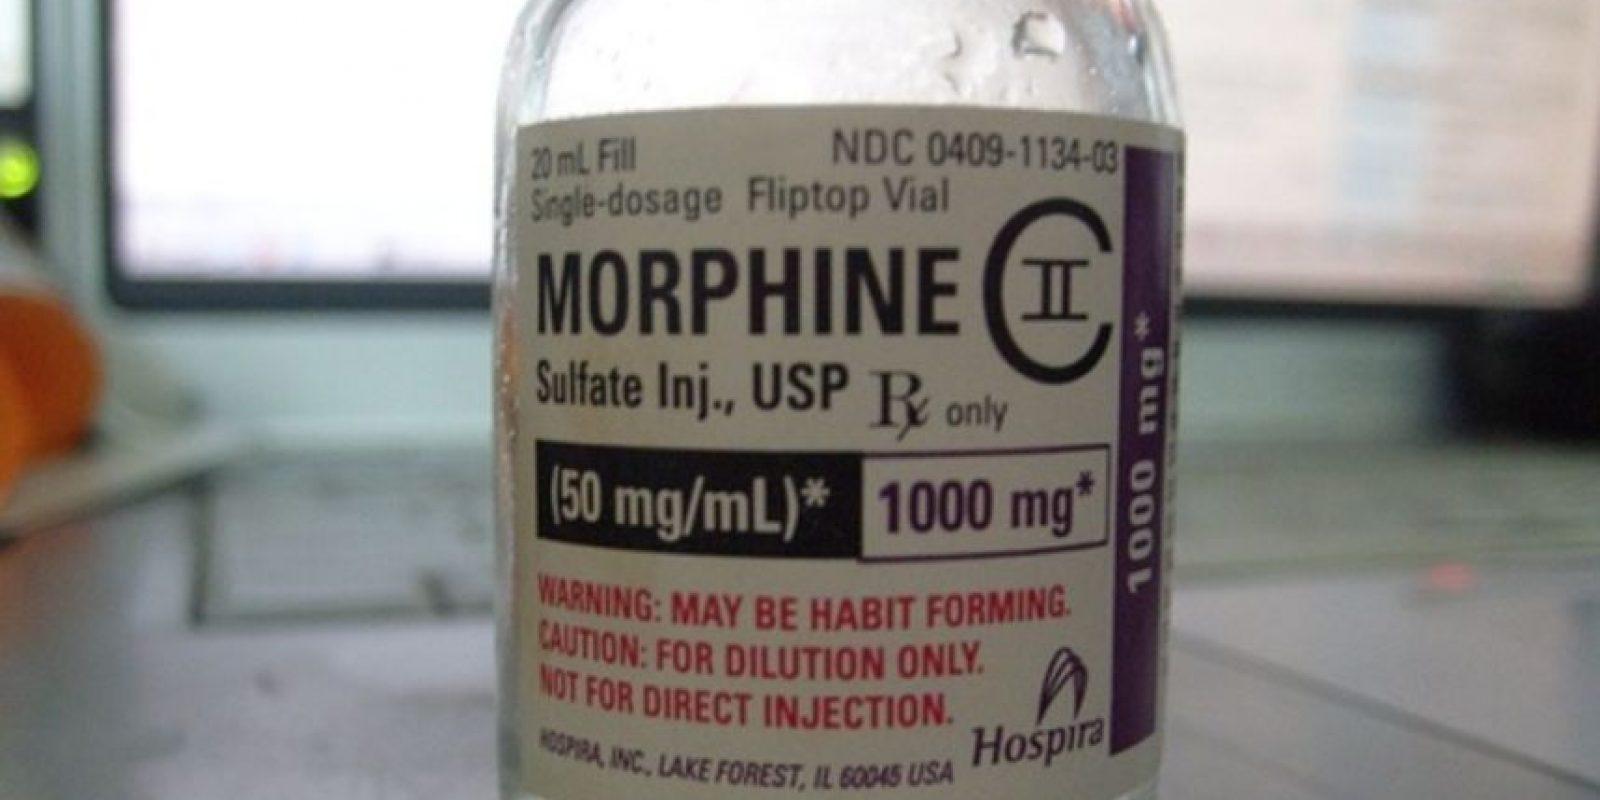 Es una sustancia controlada, opioide agonista utilizada en premedicación, anestesia, analgesia y en tratamientos contra el dolor agudo. Foto:Pixabay